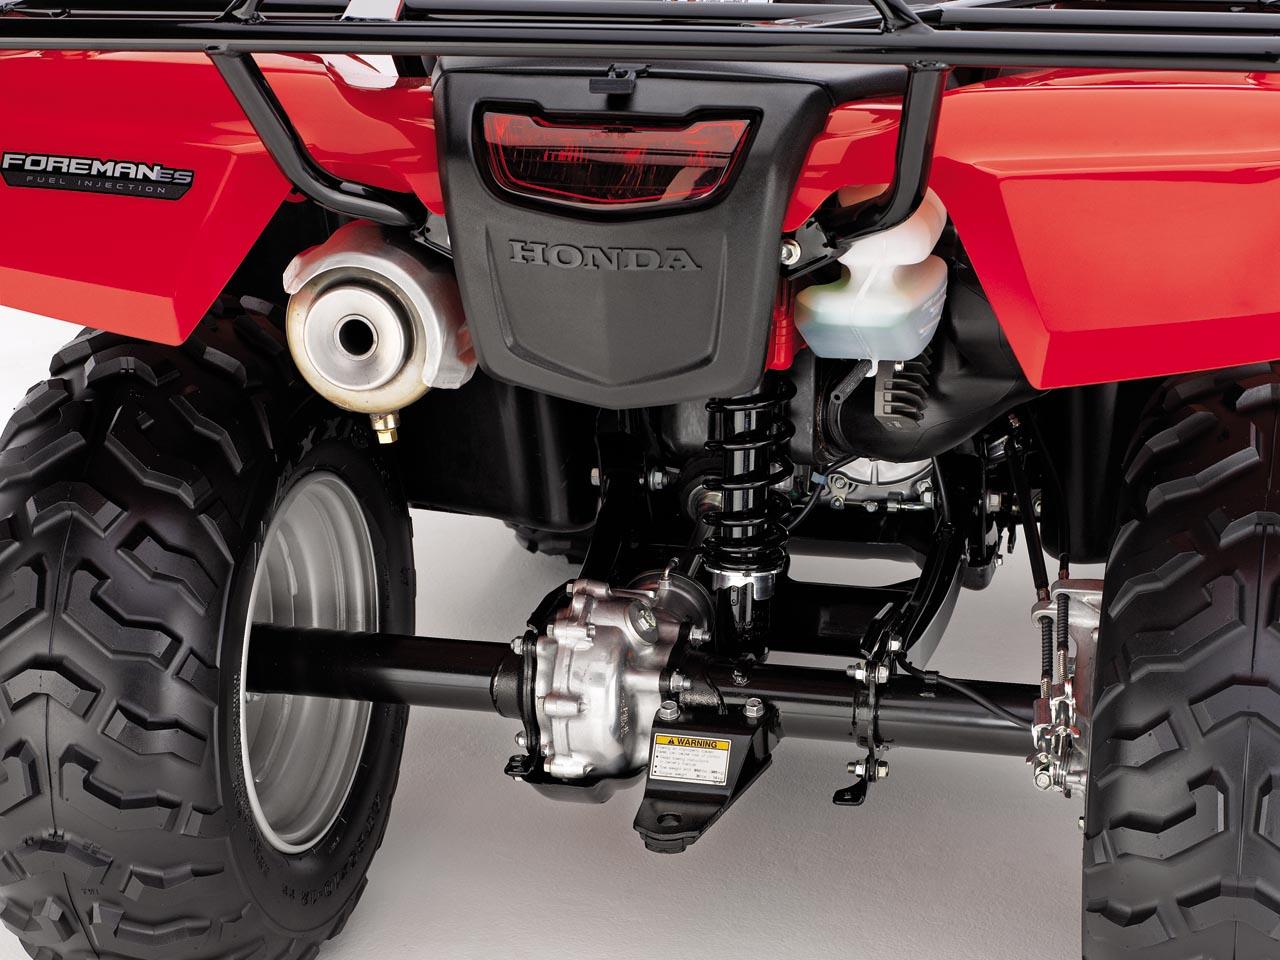 hight resolution of honda foreman 400 fuel filter